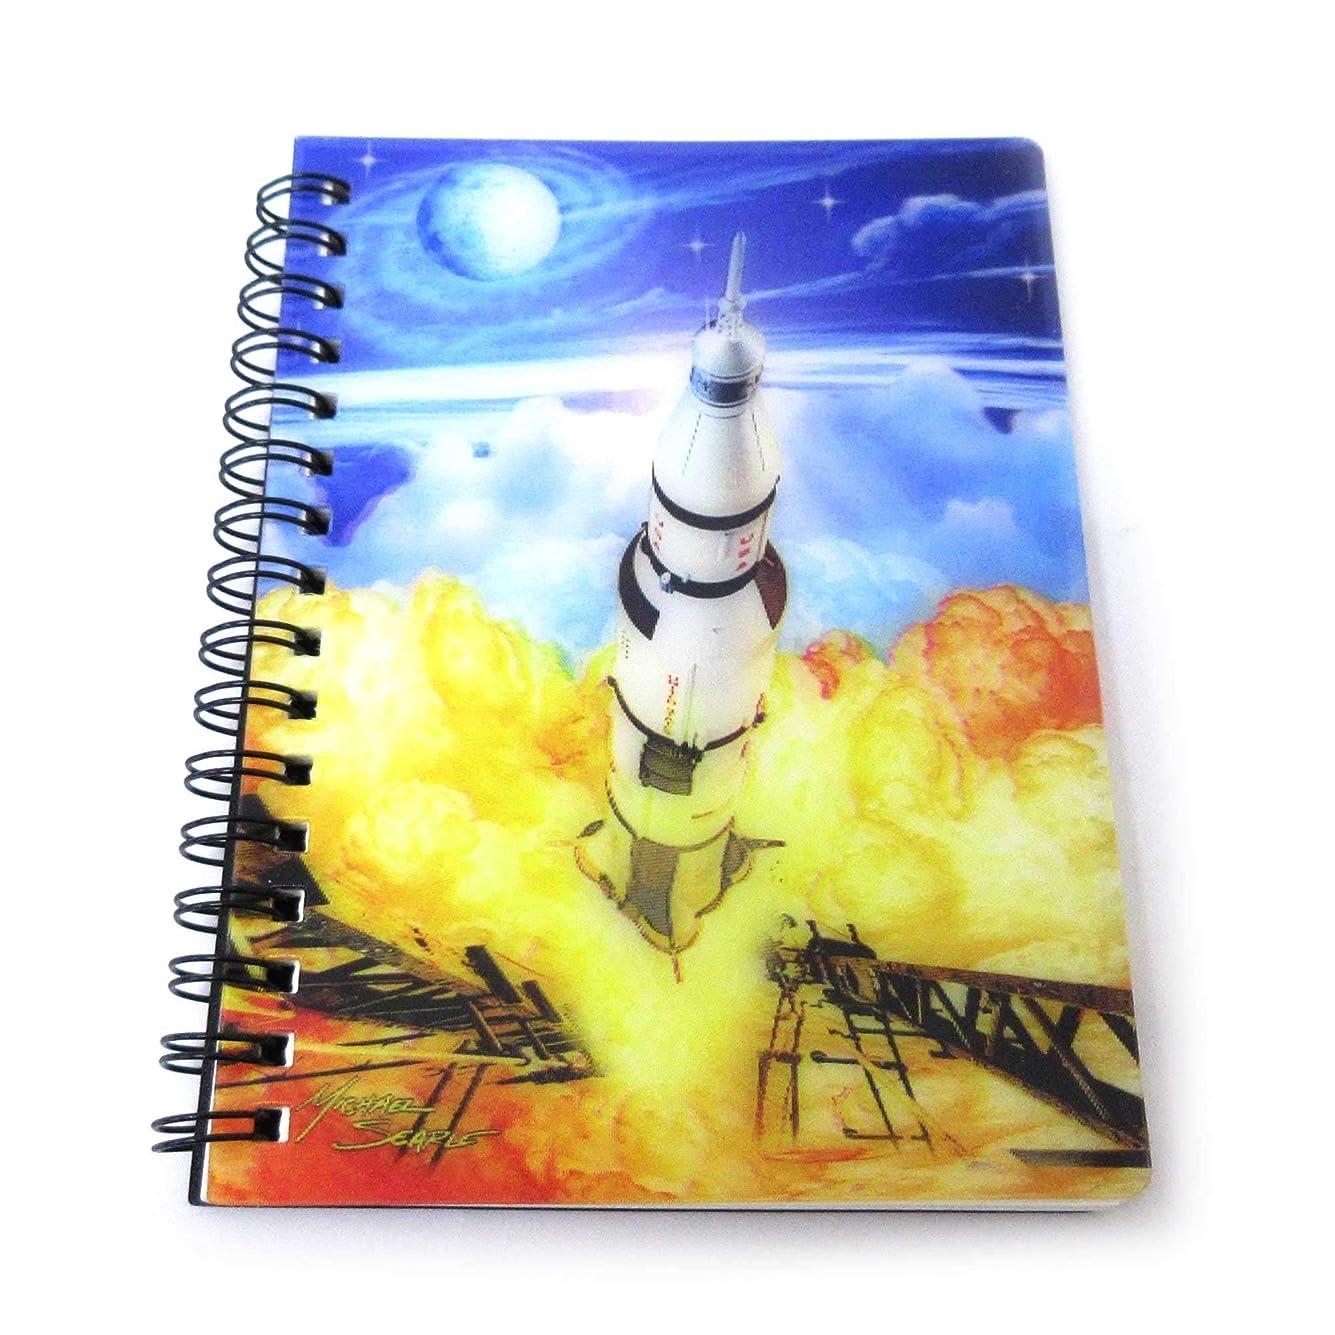 パキスタン人ビュッフェおじさんノート 文房具 A6 メモ帳 浮き出る 3Dリングノート アポロ 宇宙 301-937